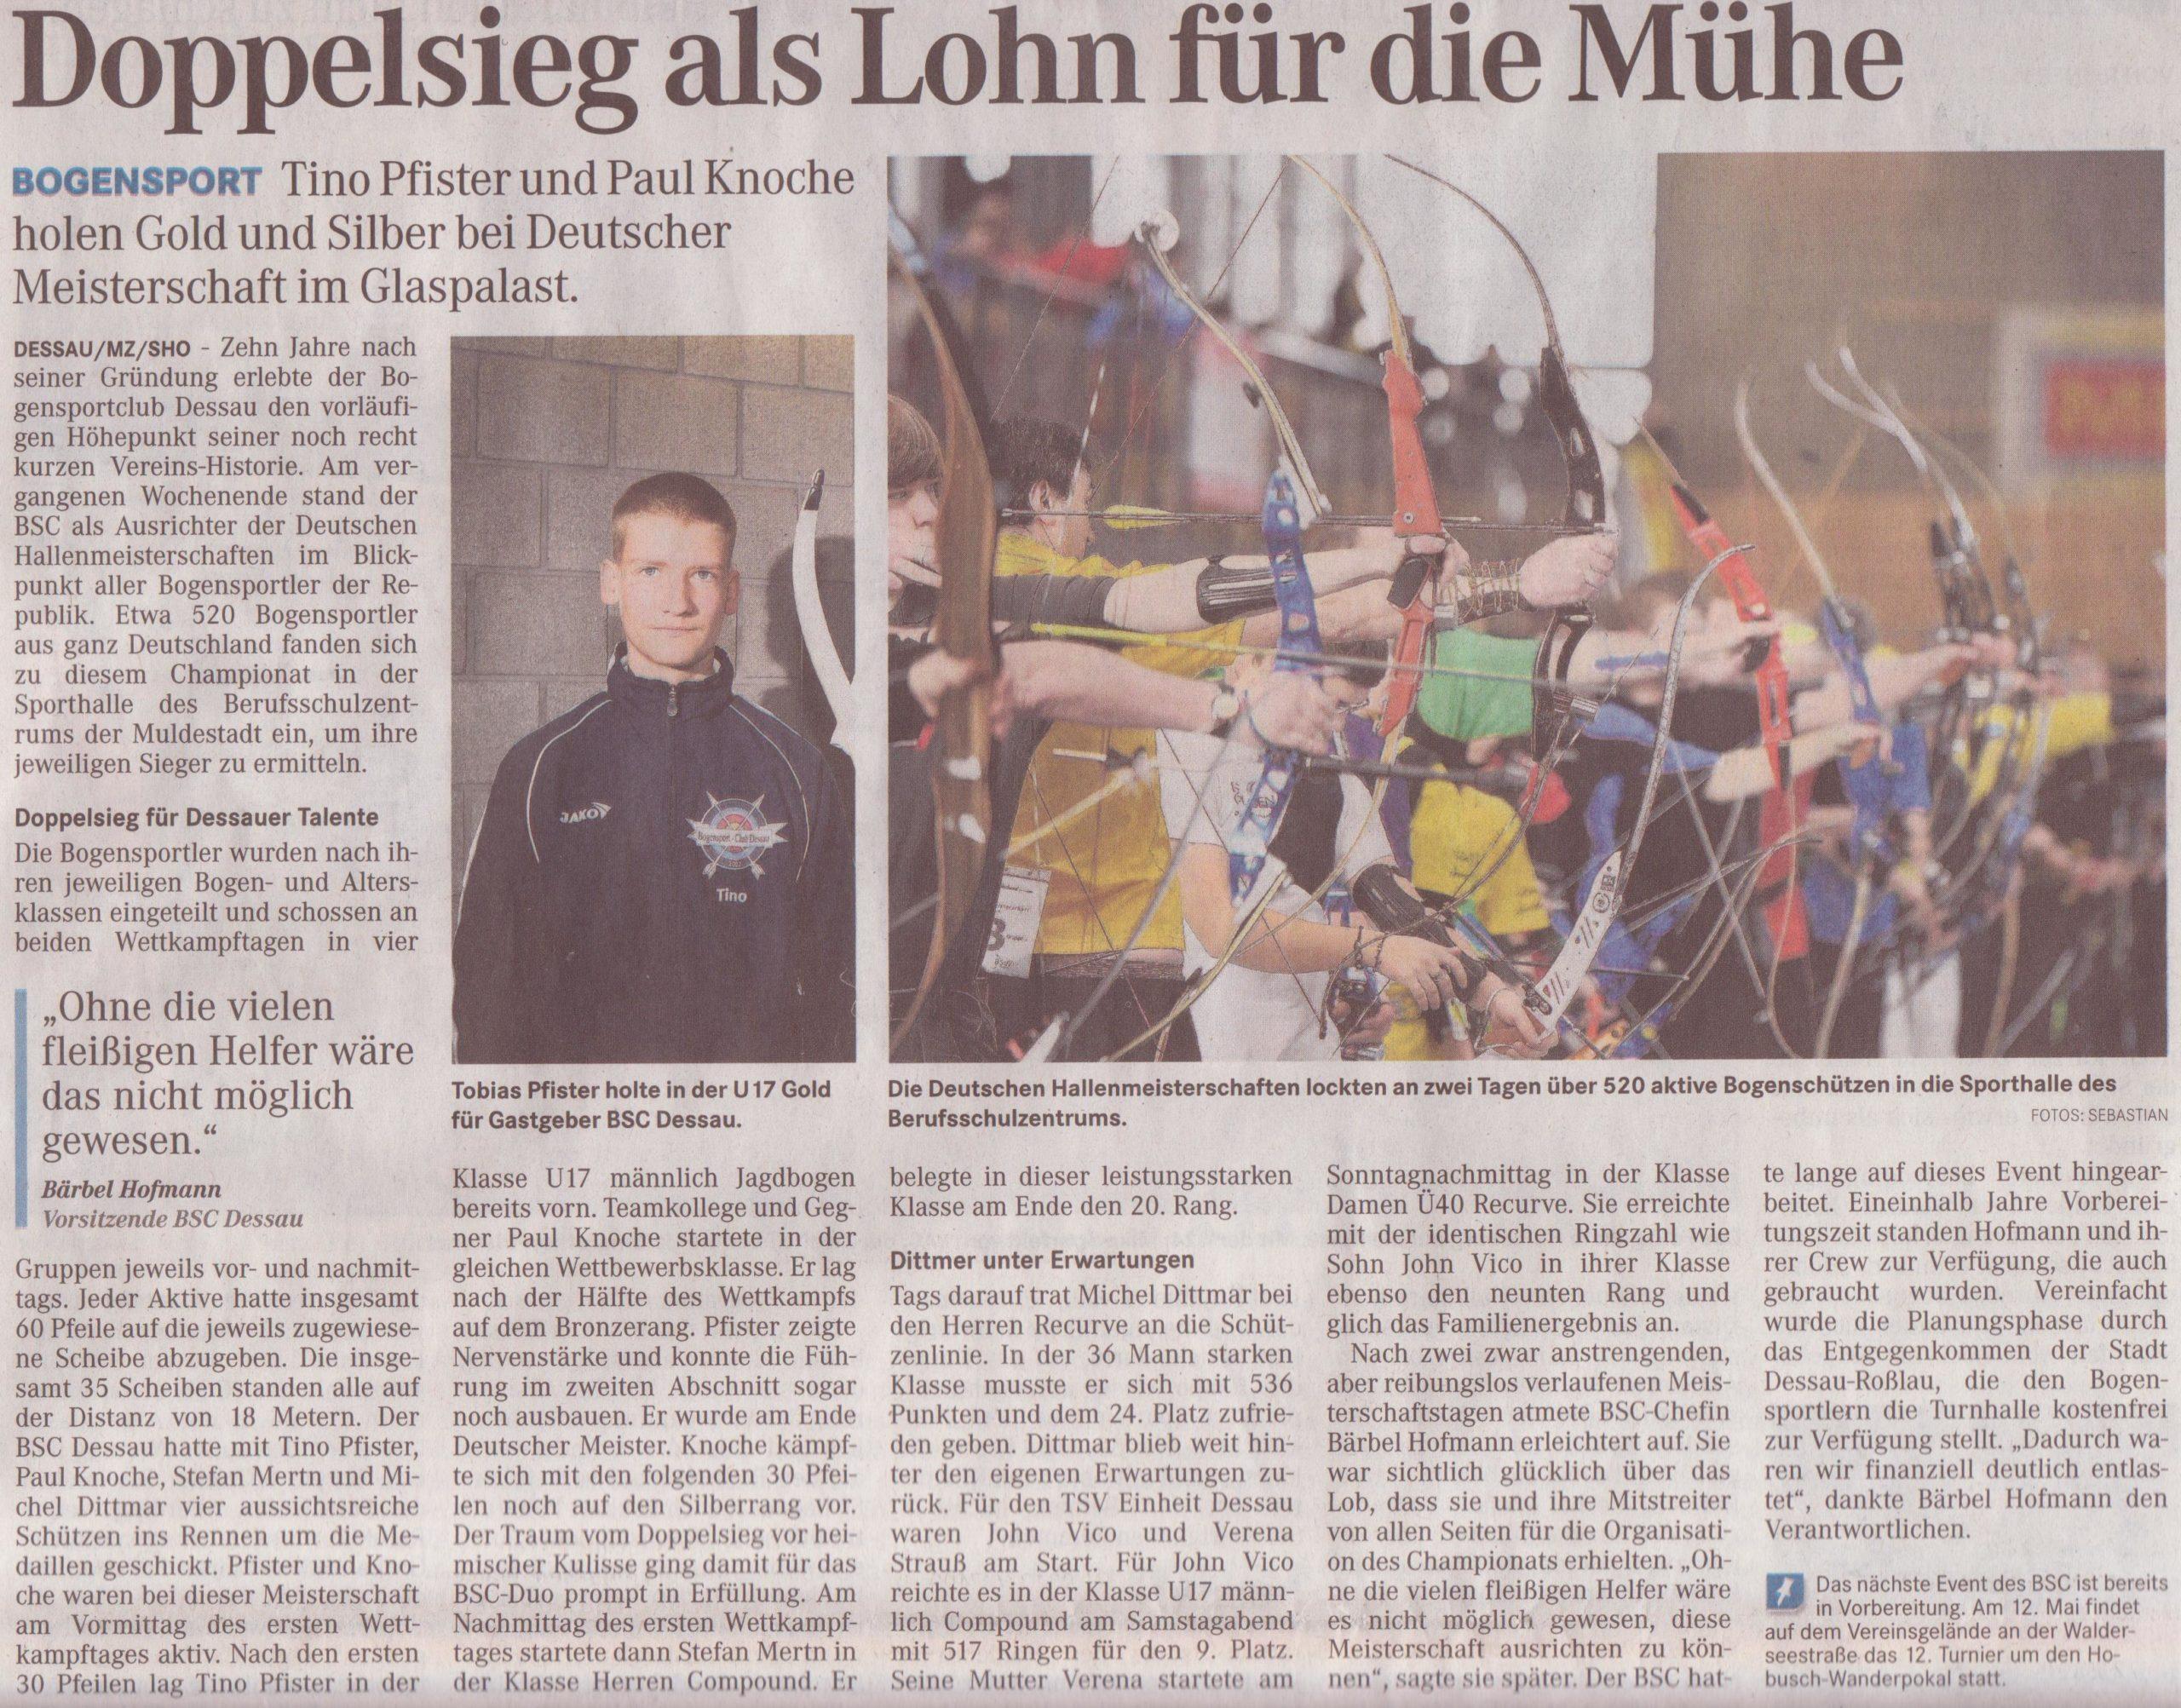 DM Fita Halle in Dessau – Mitteldeutsche Zeitung vom 06.03.2012